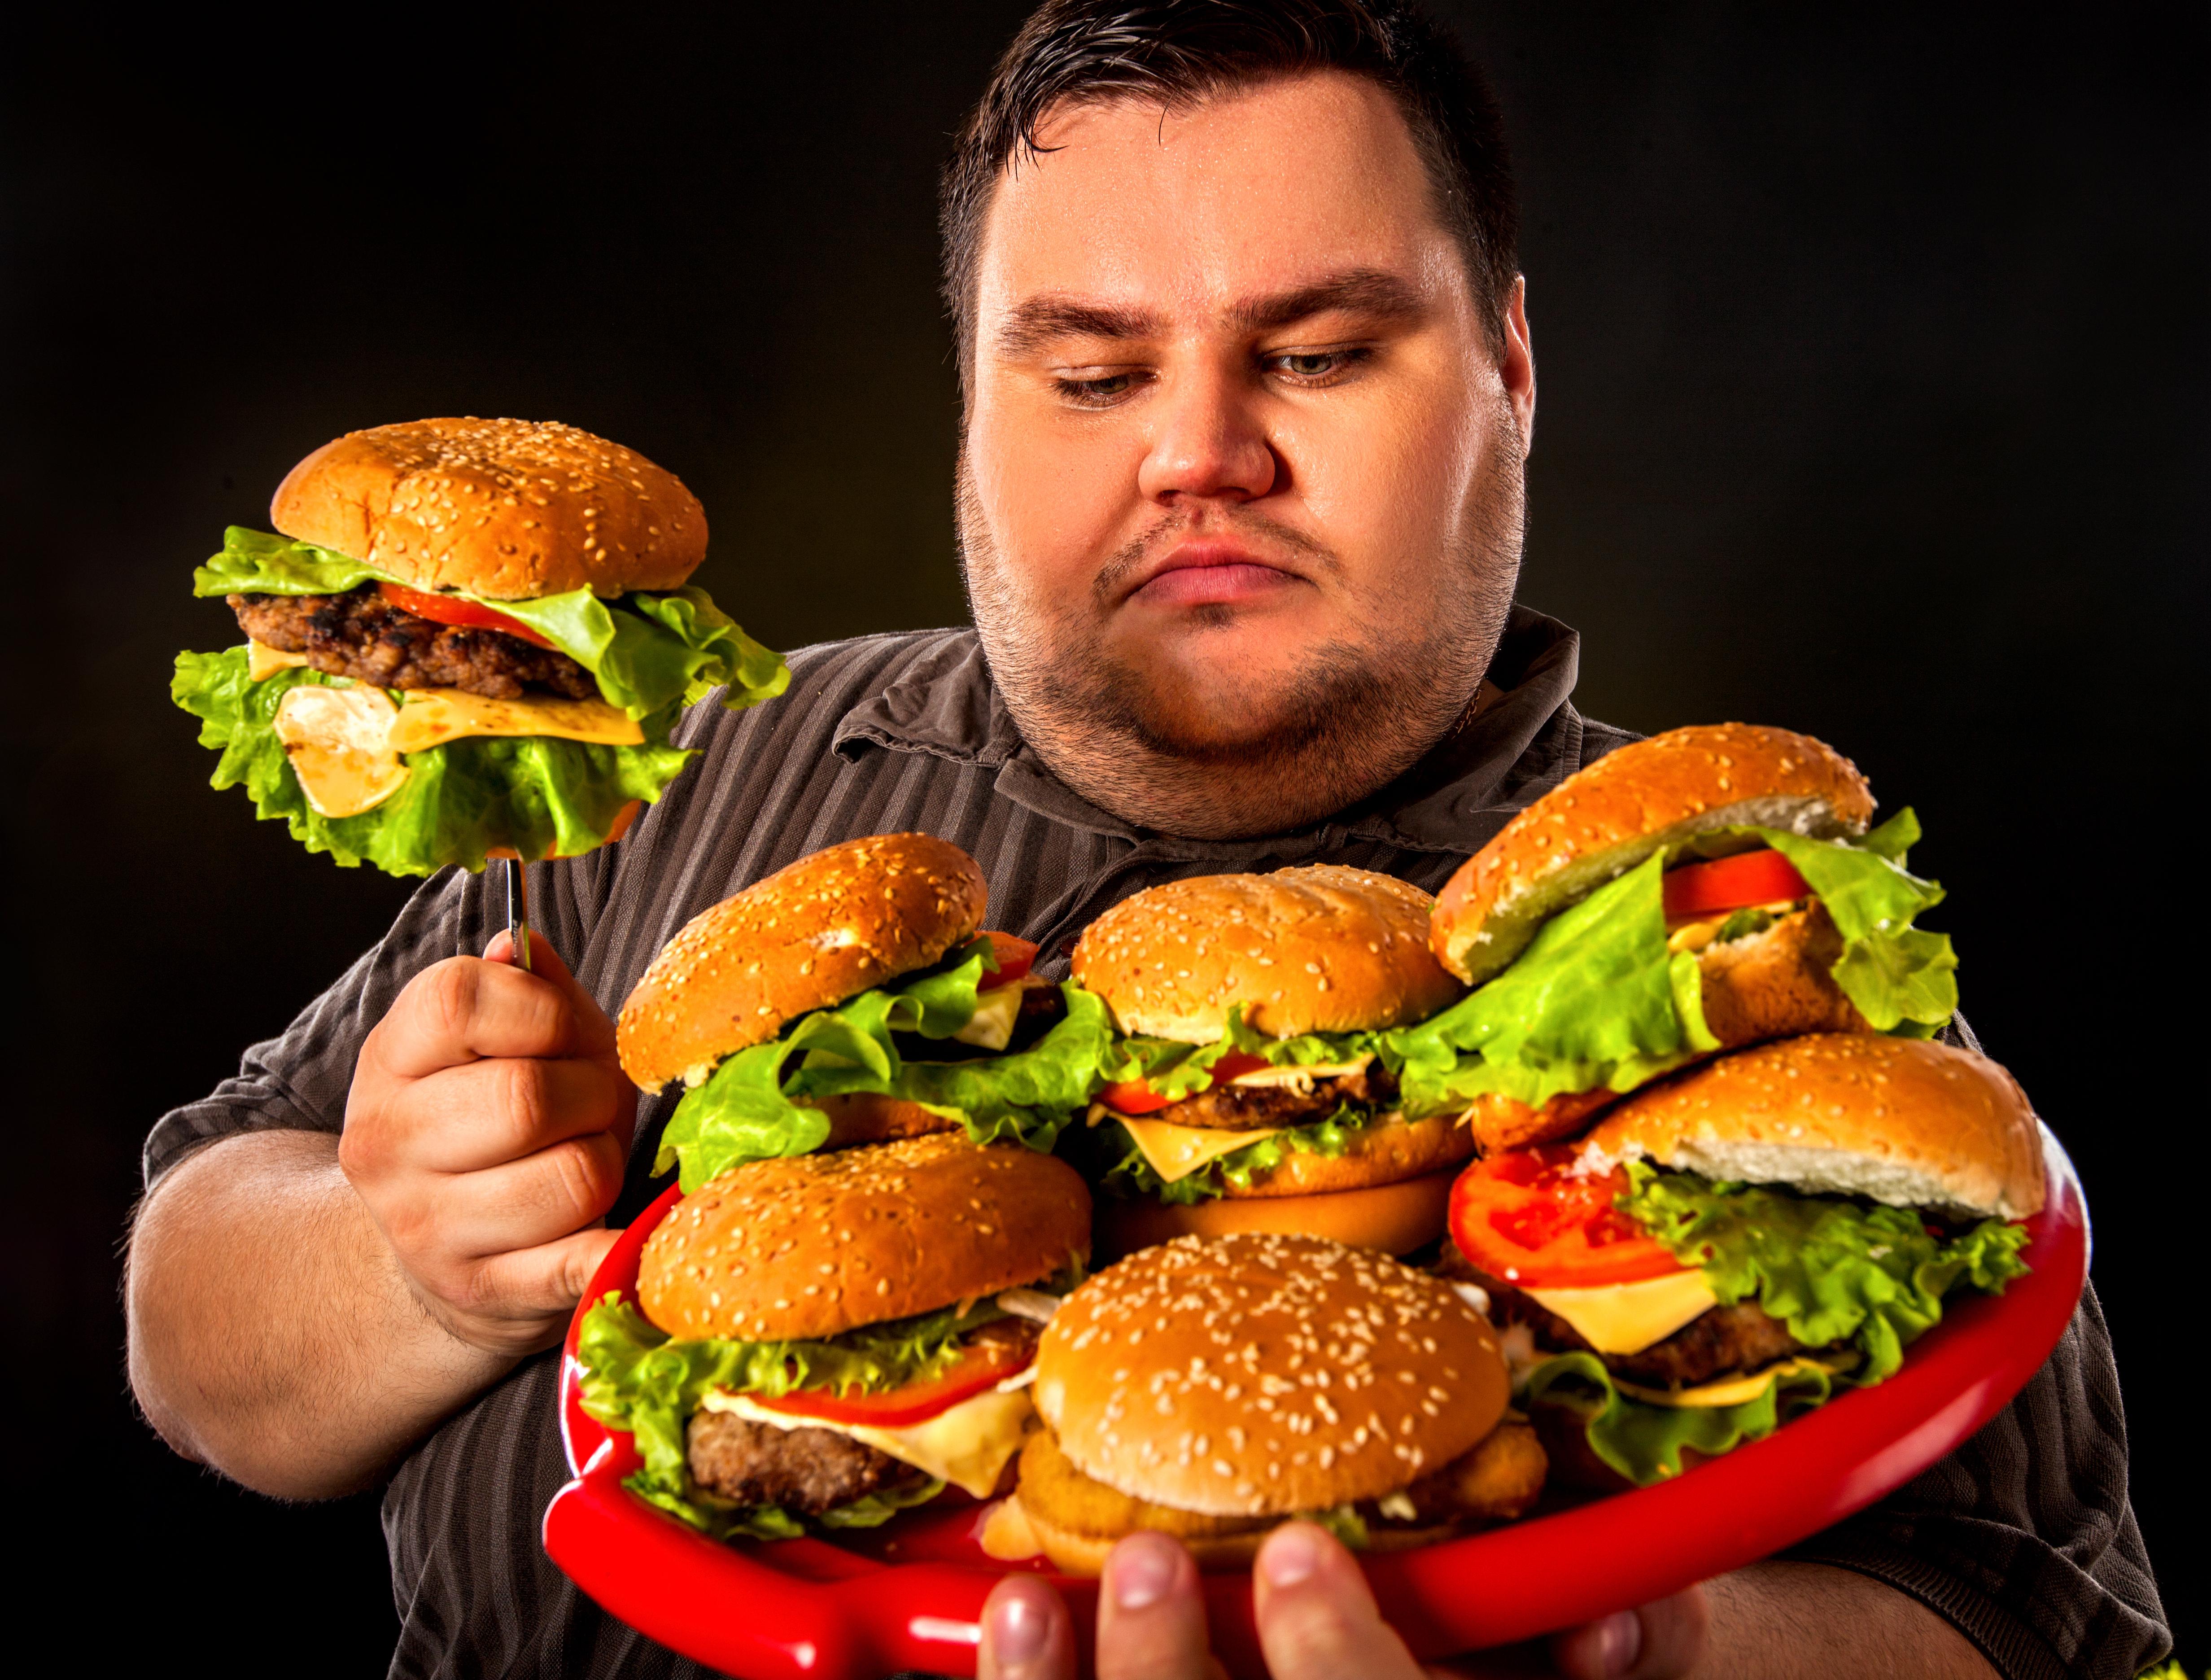 pierderea în greutate și calitatea vieții